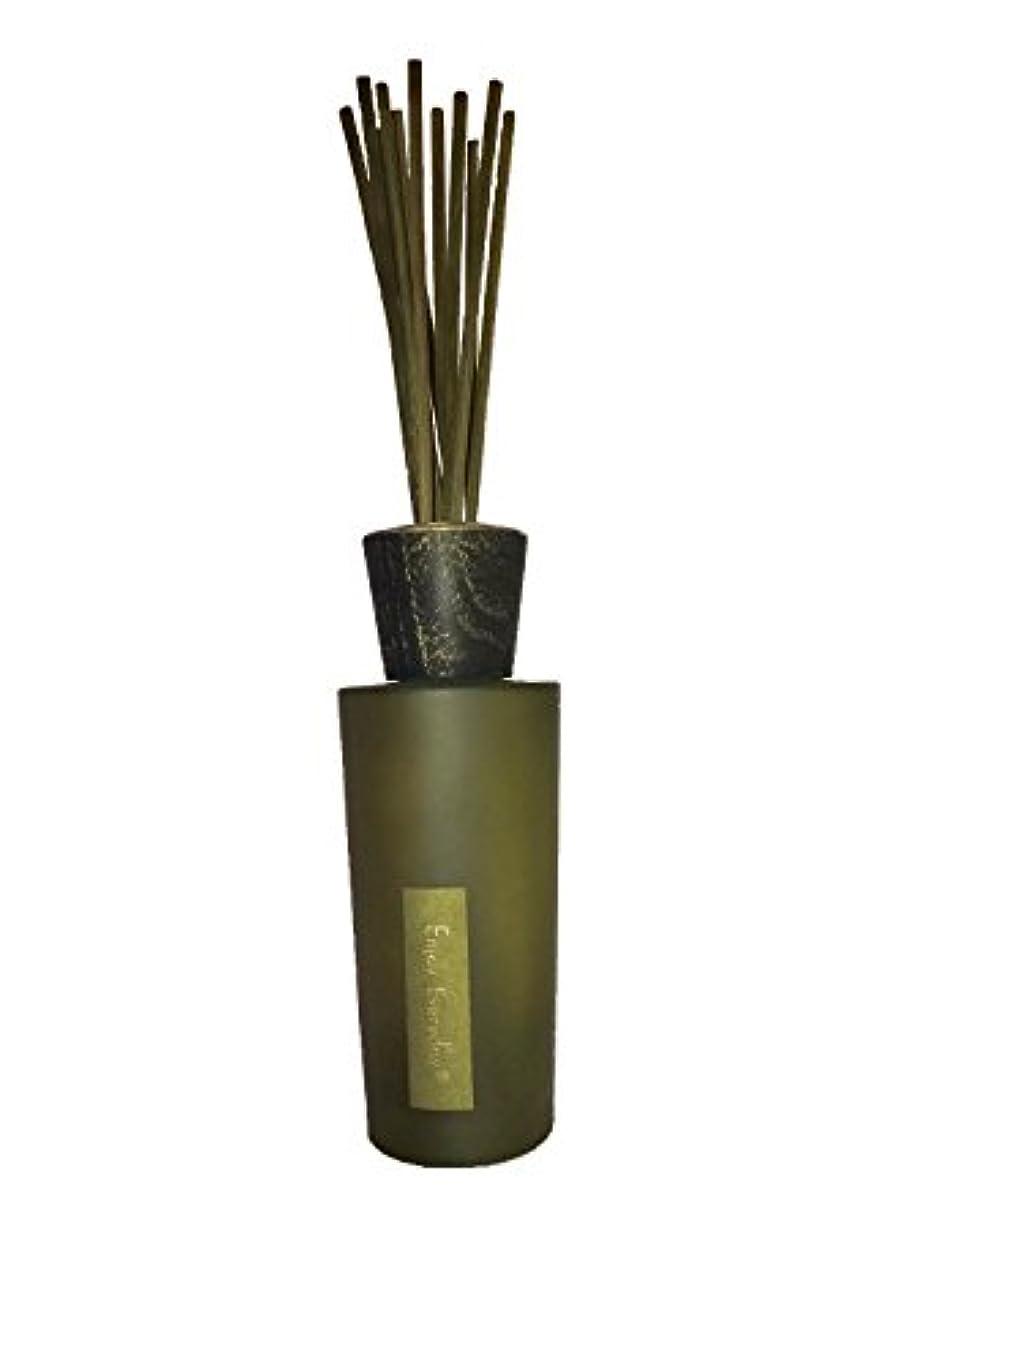 薄い処理経験者40%OFF!【Branch of Aroma】100%天然アロマスティックディフューザー-9種の香り- (200ml) (すっきりMint)